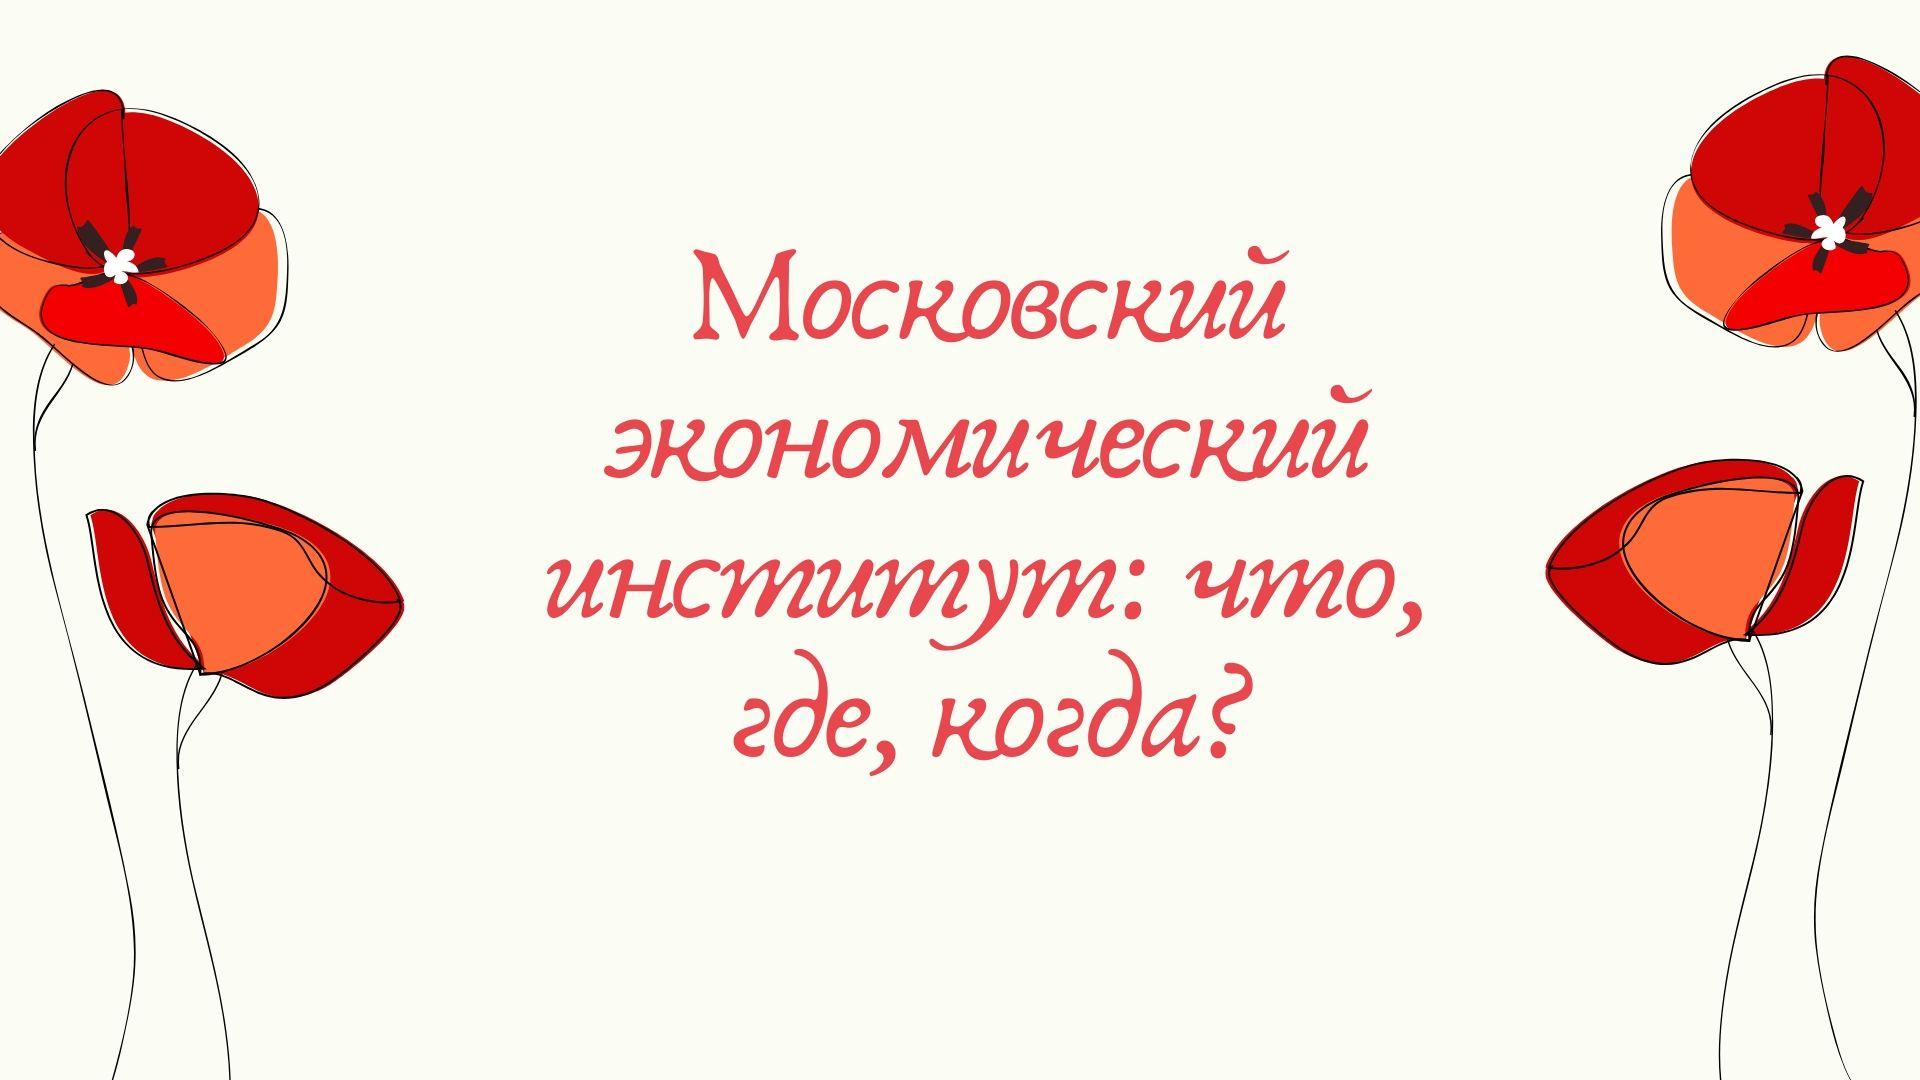 Московский экономический институт: что, где, когда?